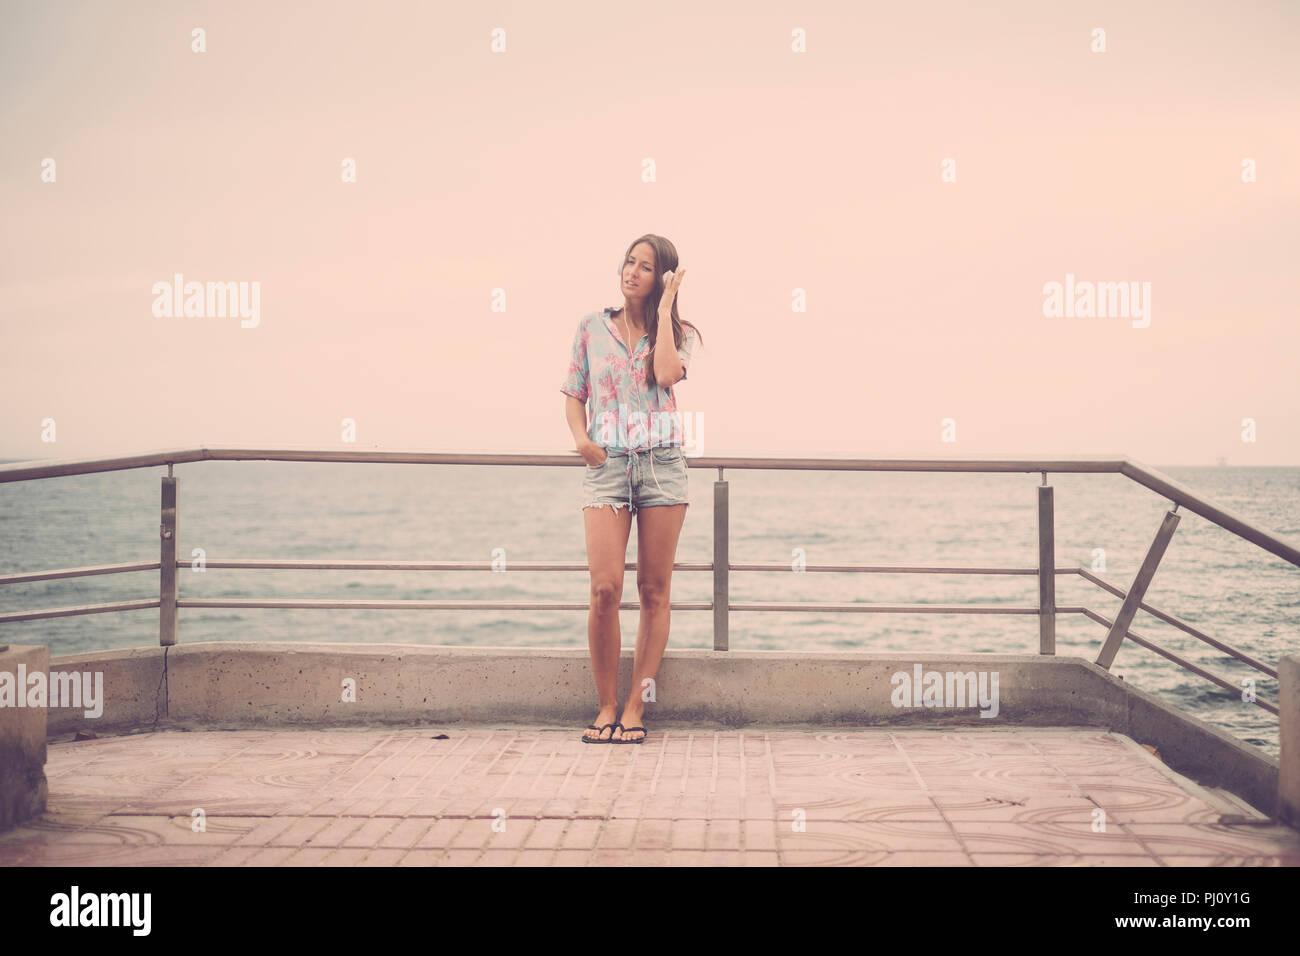 Schöne junge Dame kaukasischen stehende Frau am Strand auf der Straße Musik hören mit Kopfhörern und genießen die Ferien- und Freizeitgestaltung. Stockbild